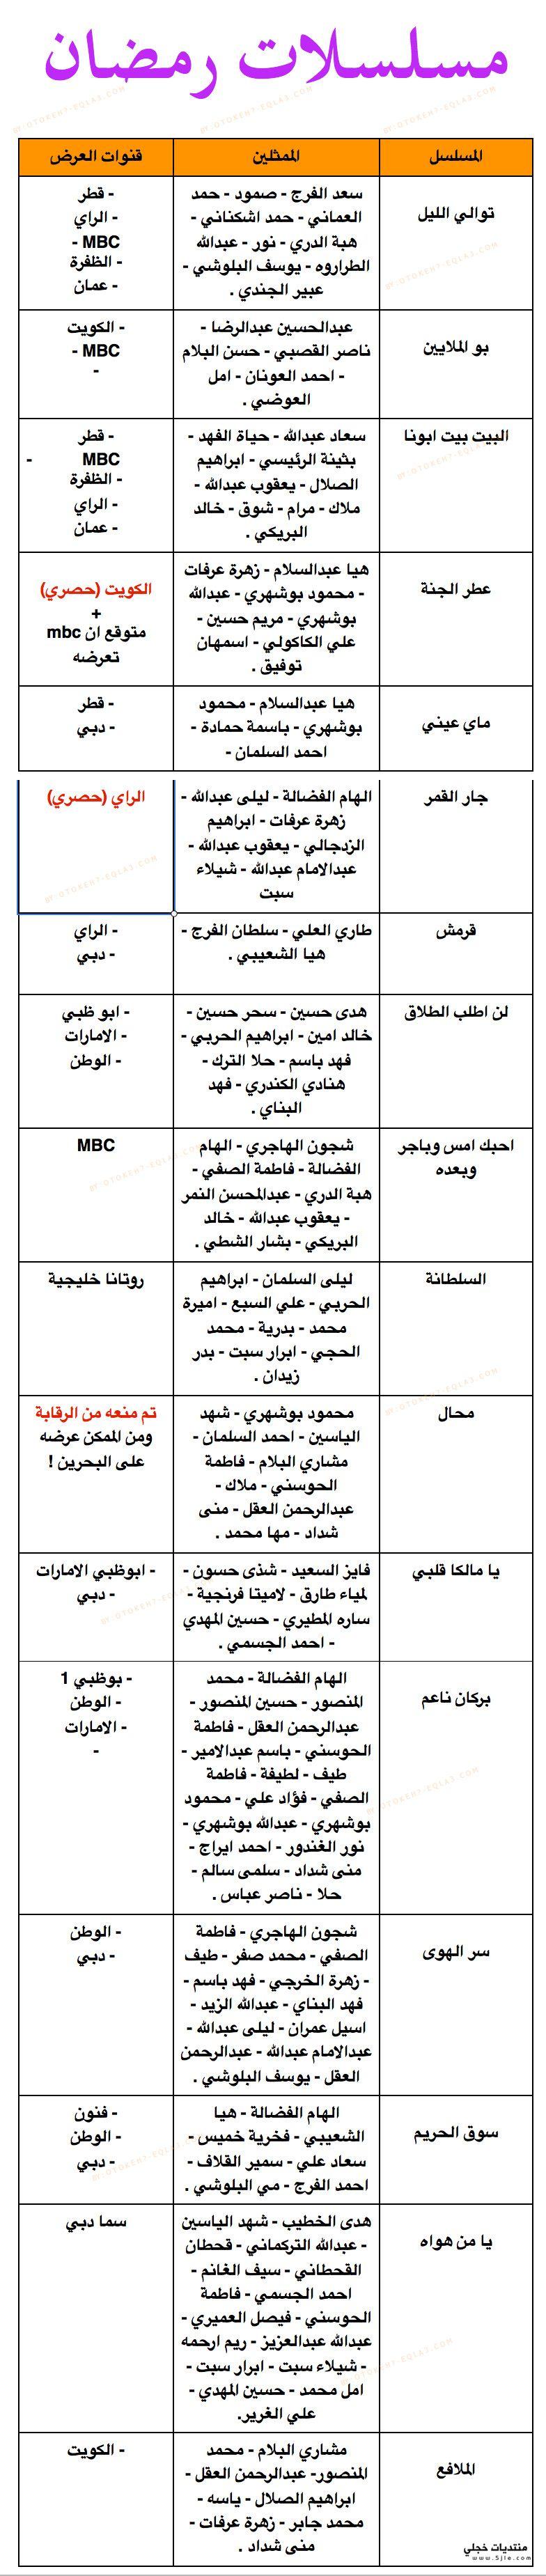 مسلسلات رمضان جميع القنوات 2013